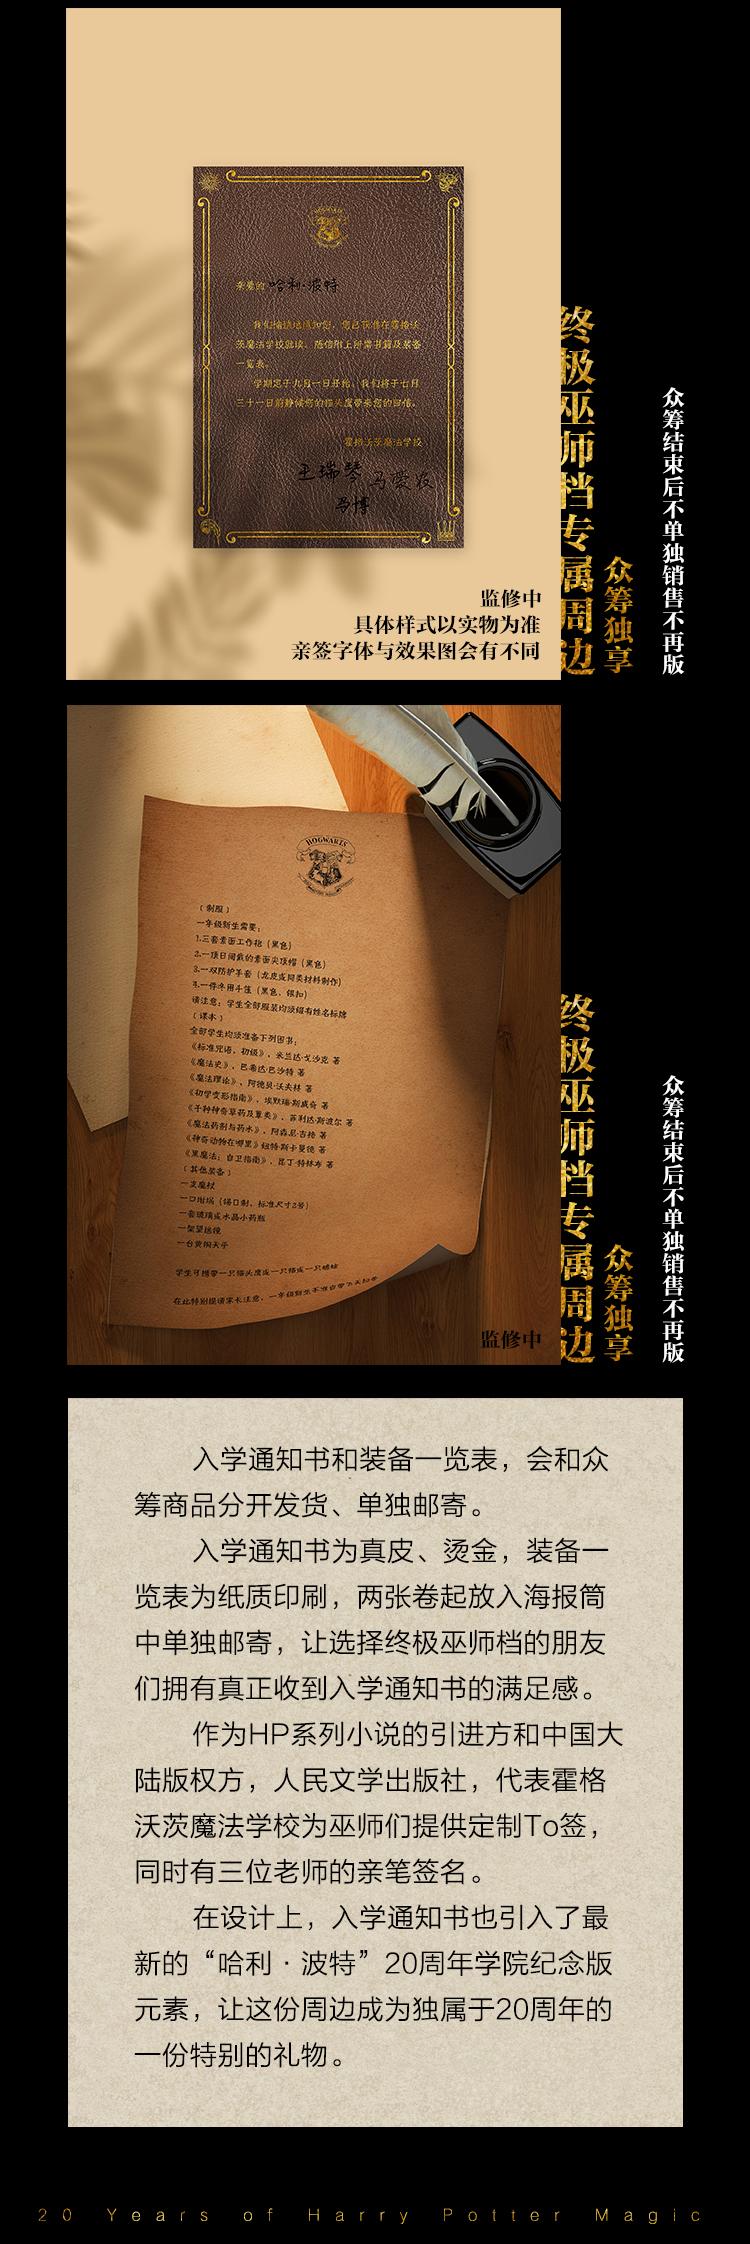 详情页7-1-4.jpg